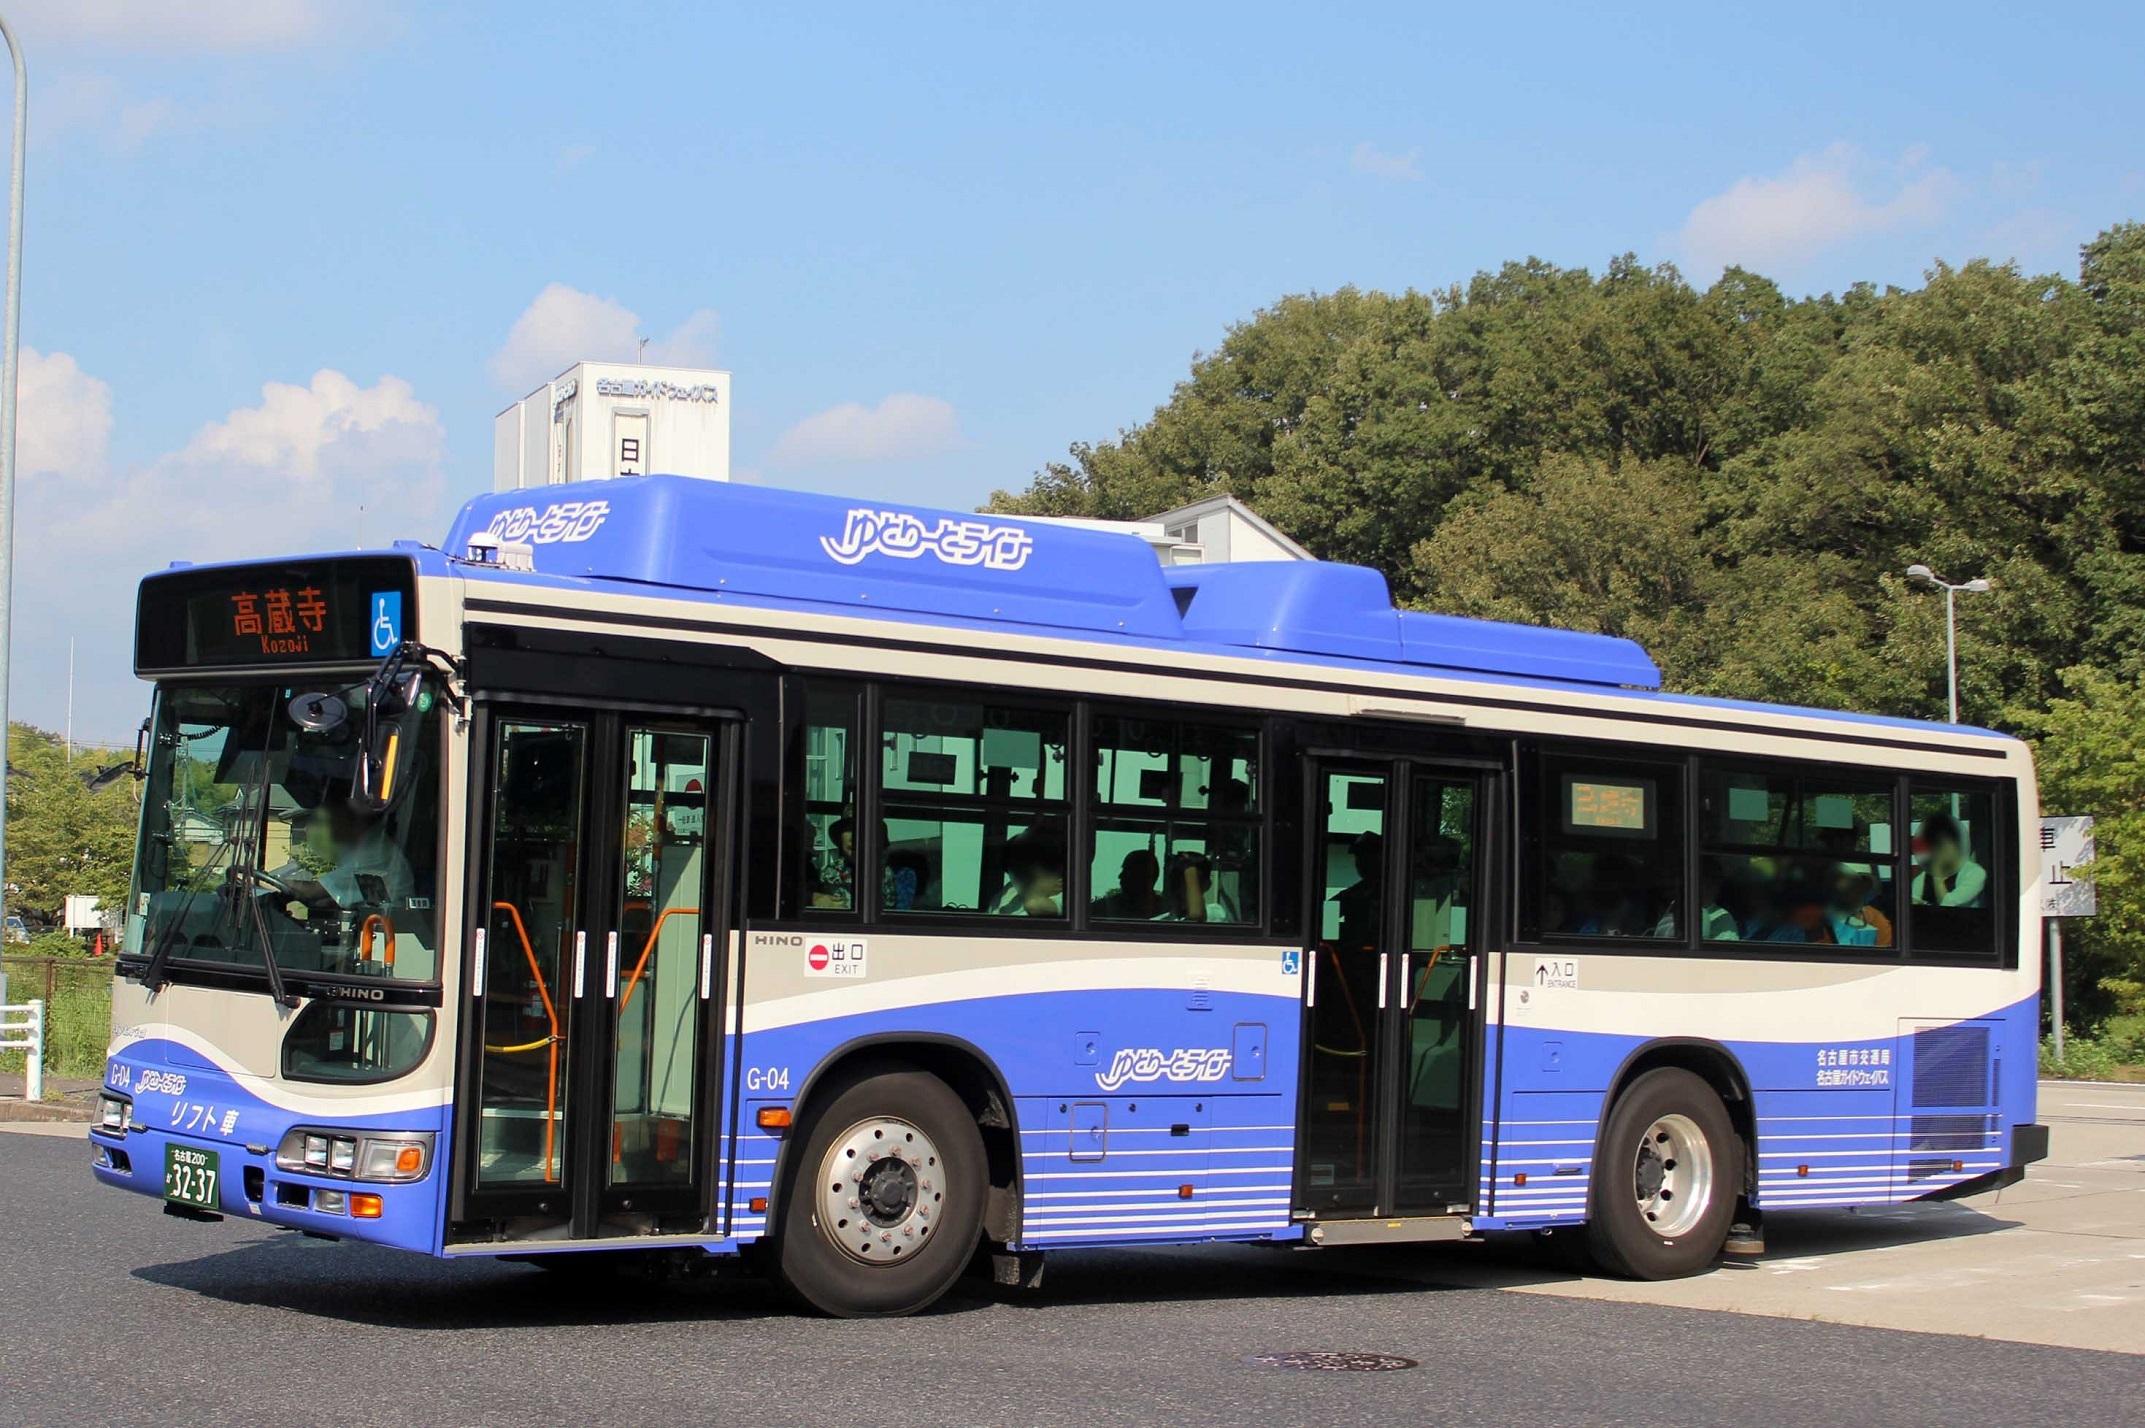 名古屋ガイドウェイバス G-04